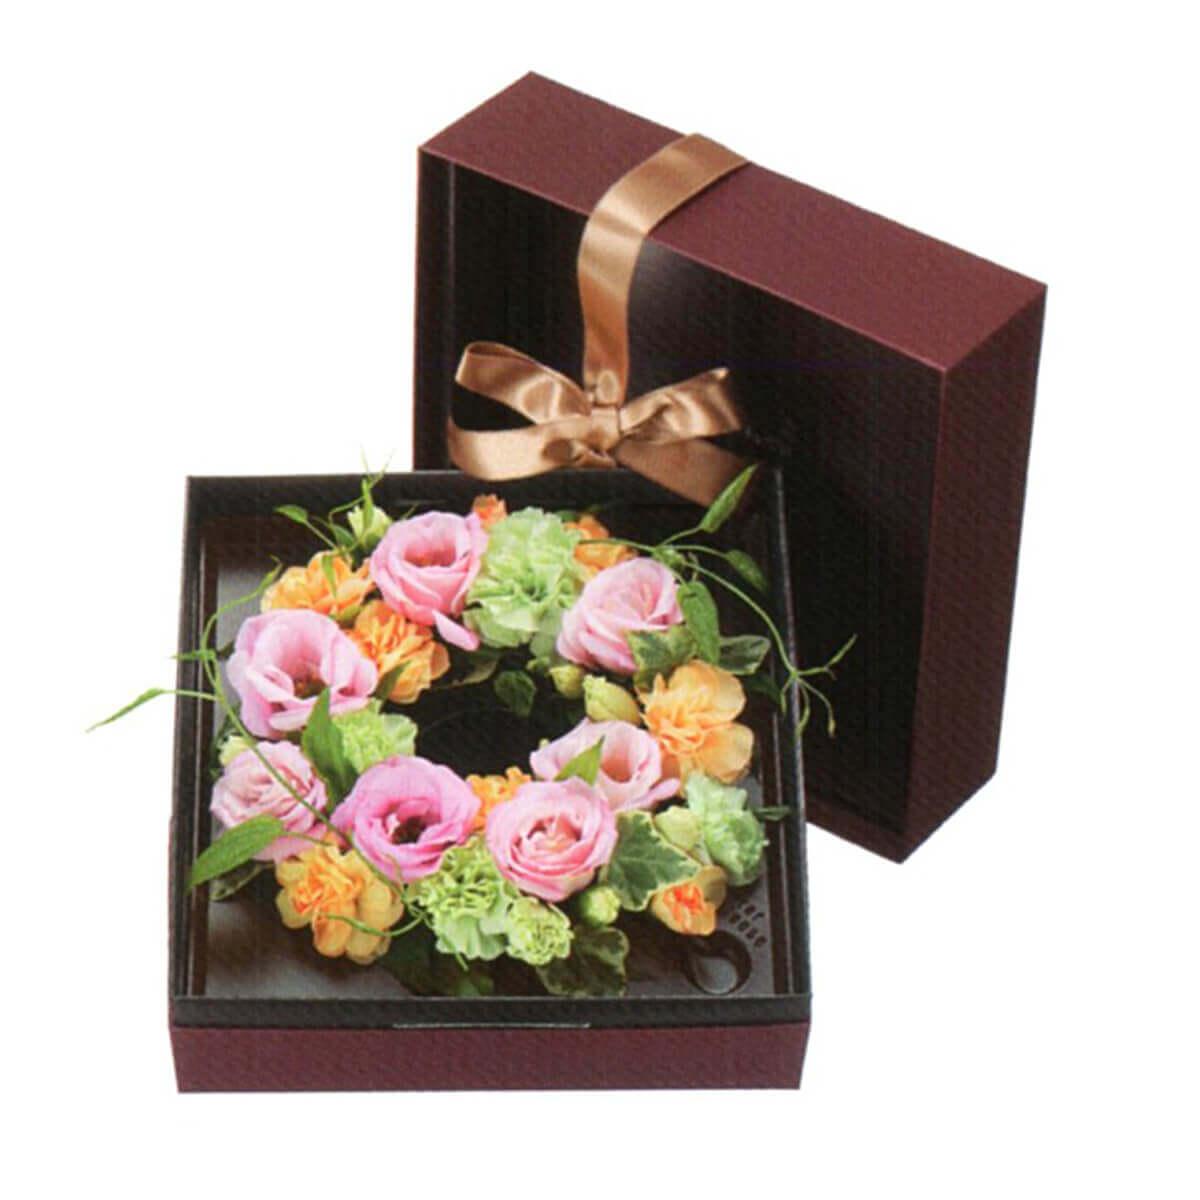 花はるのプレゼント用祝い花9